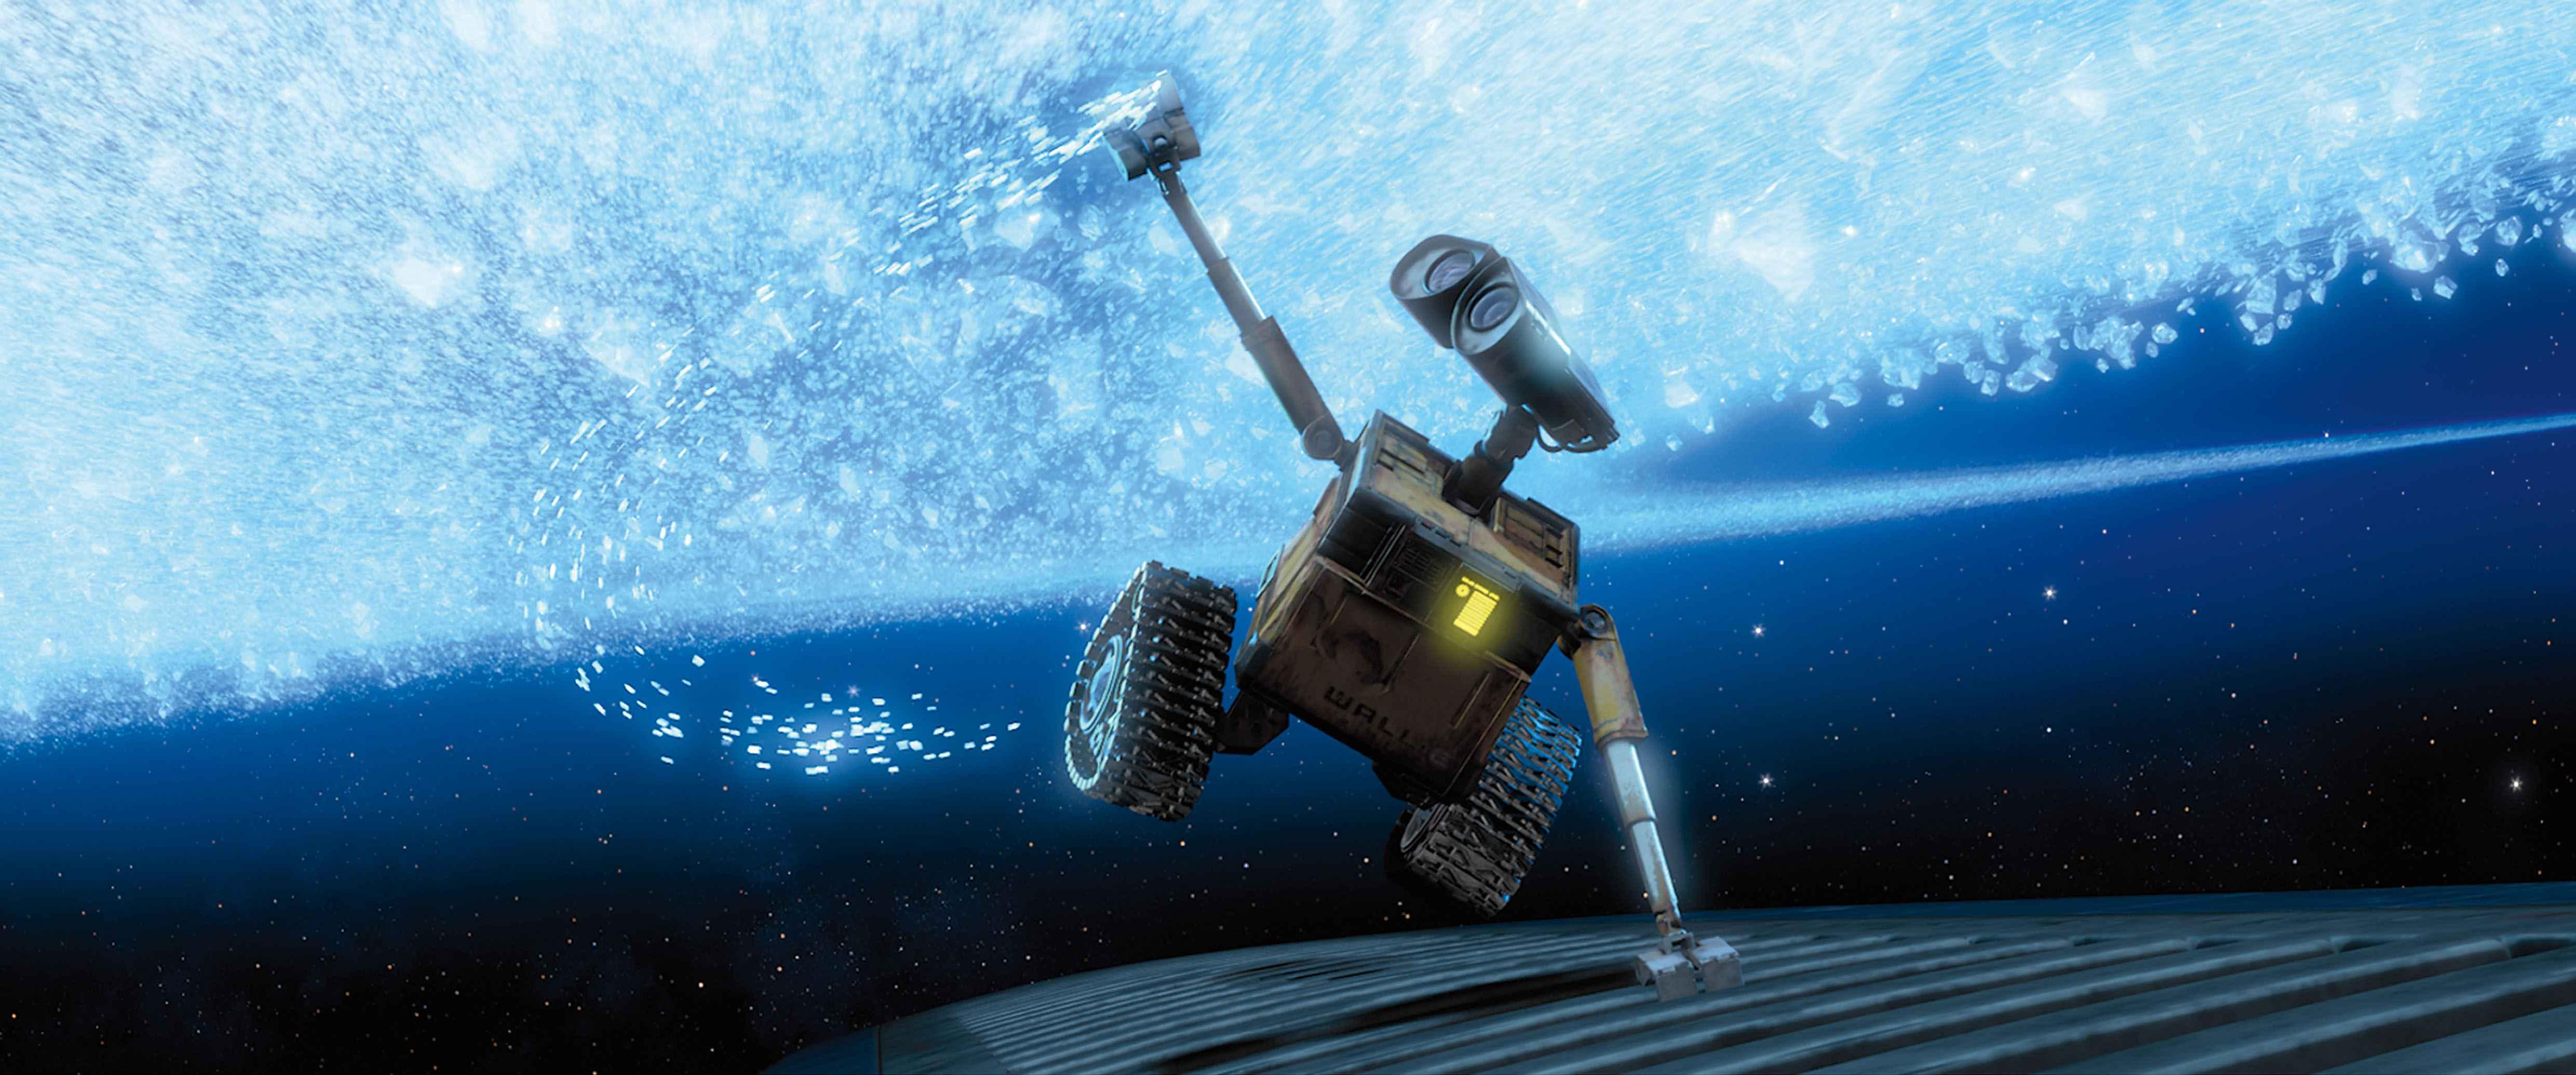 机器人总动员在线观看 机器人总动员 机器人总动员高清